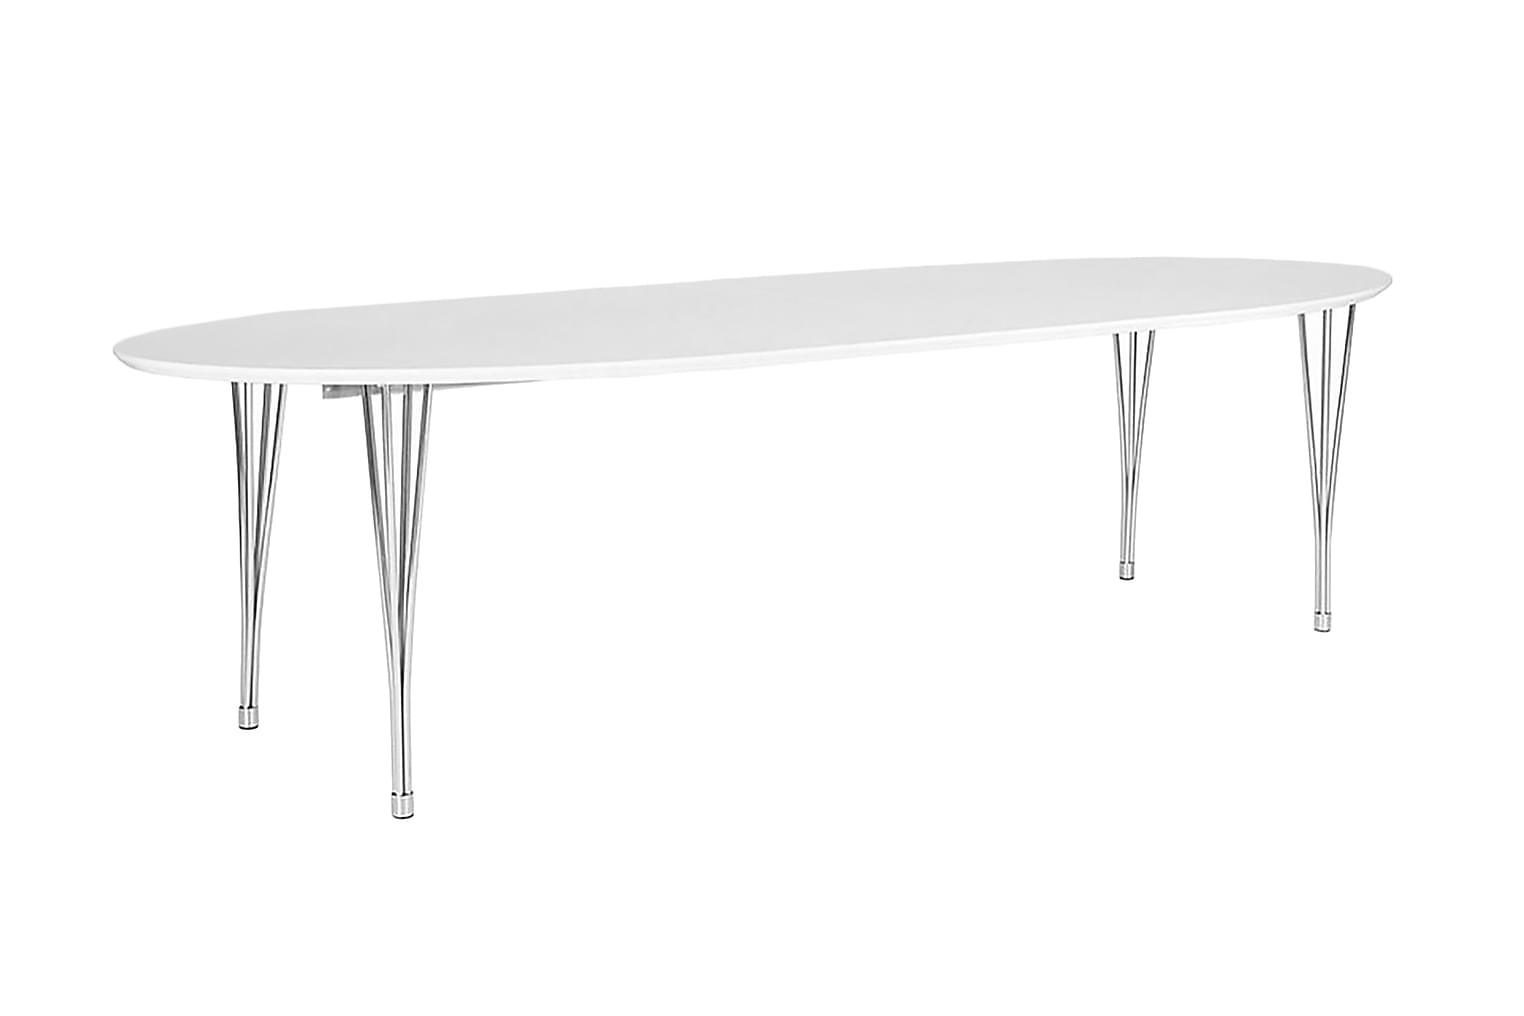 MENAT Jatkettava Pöytä 170 Valkoinen